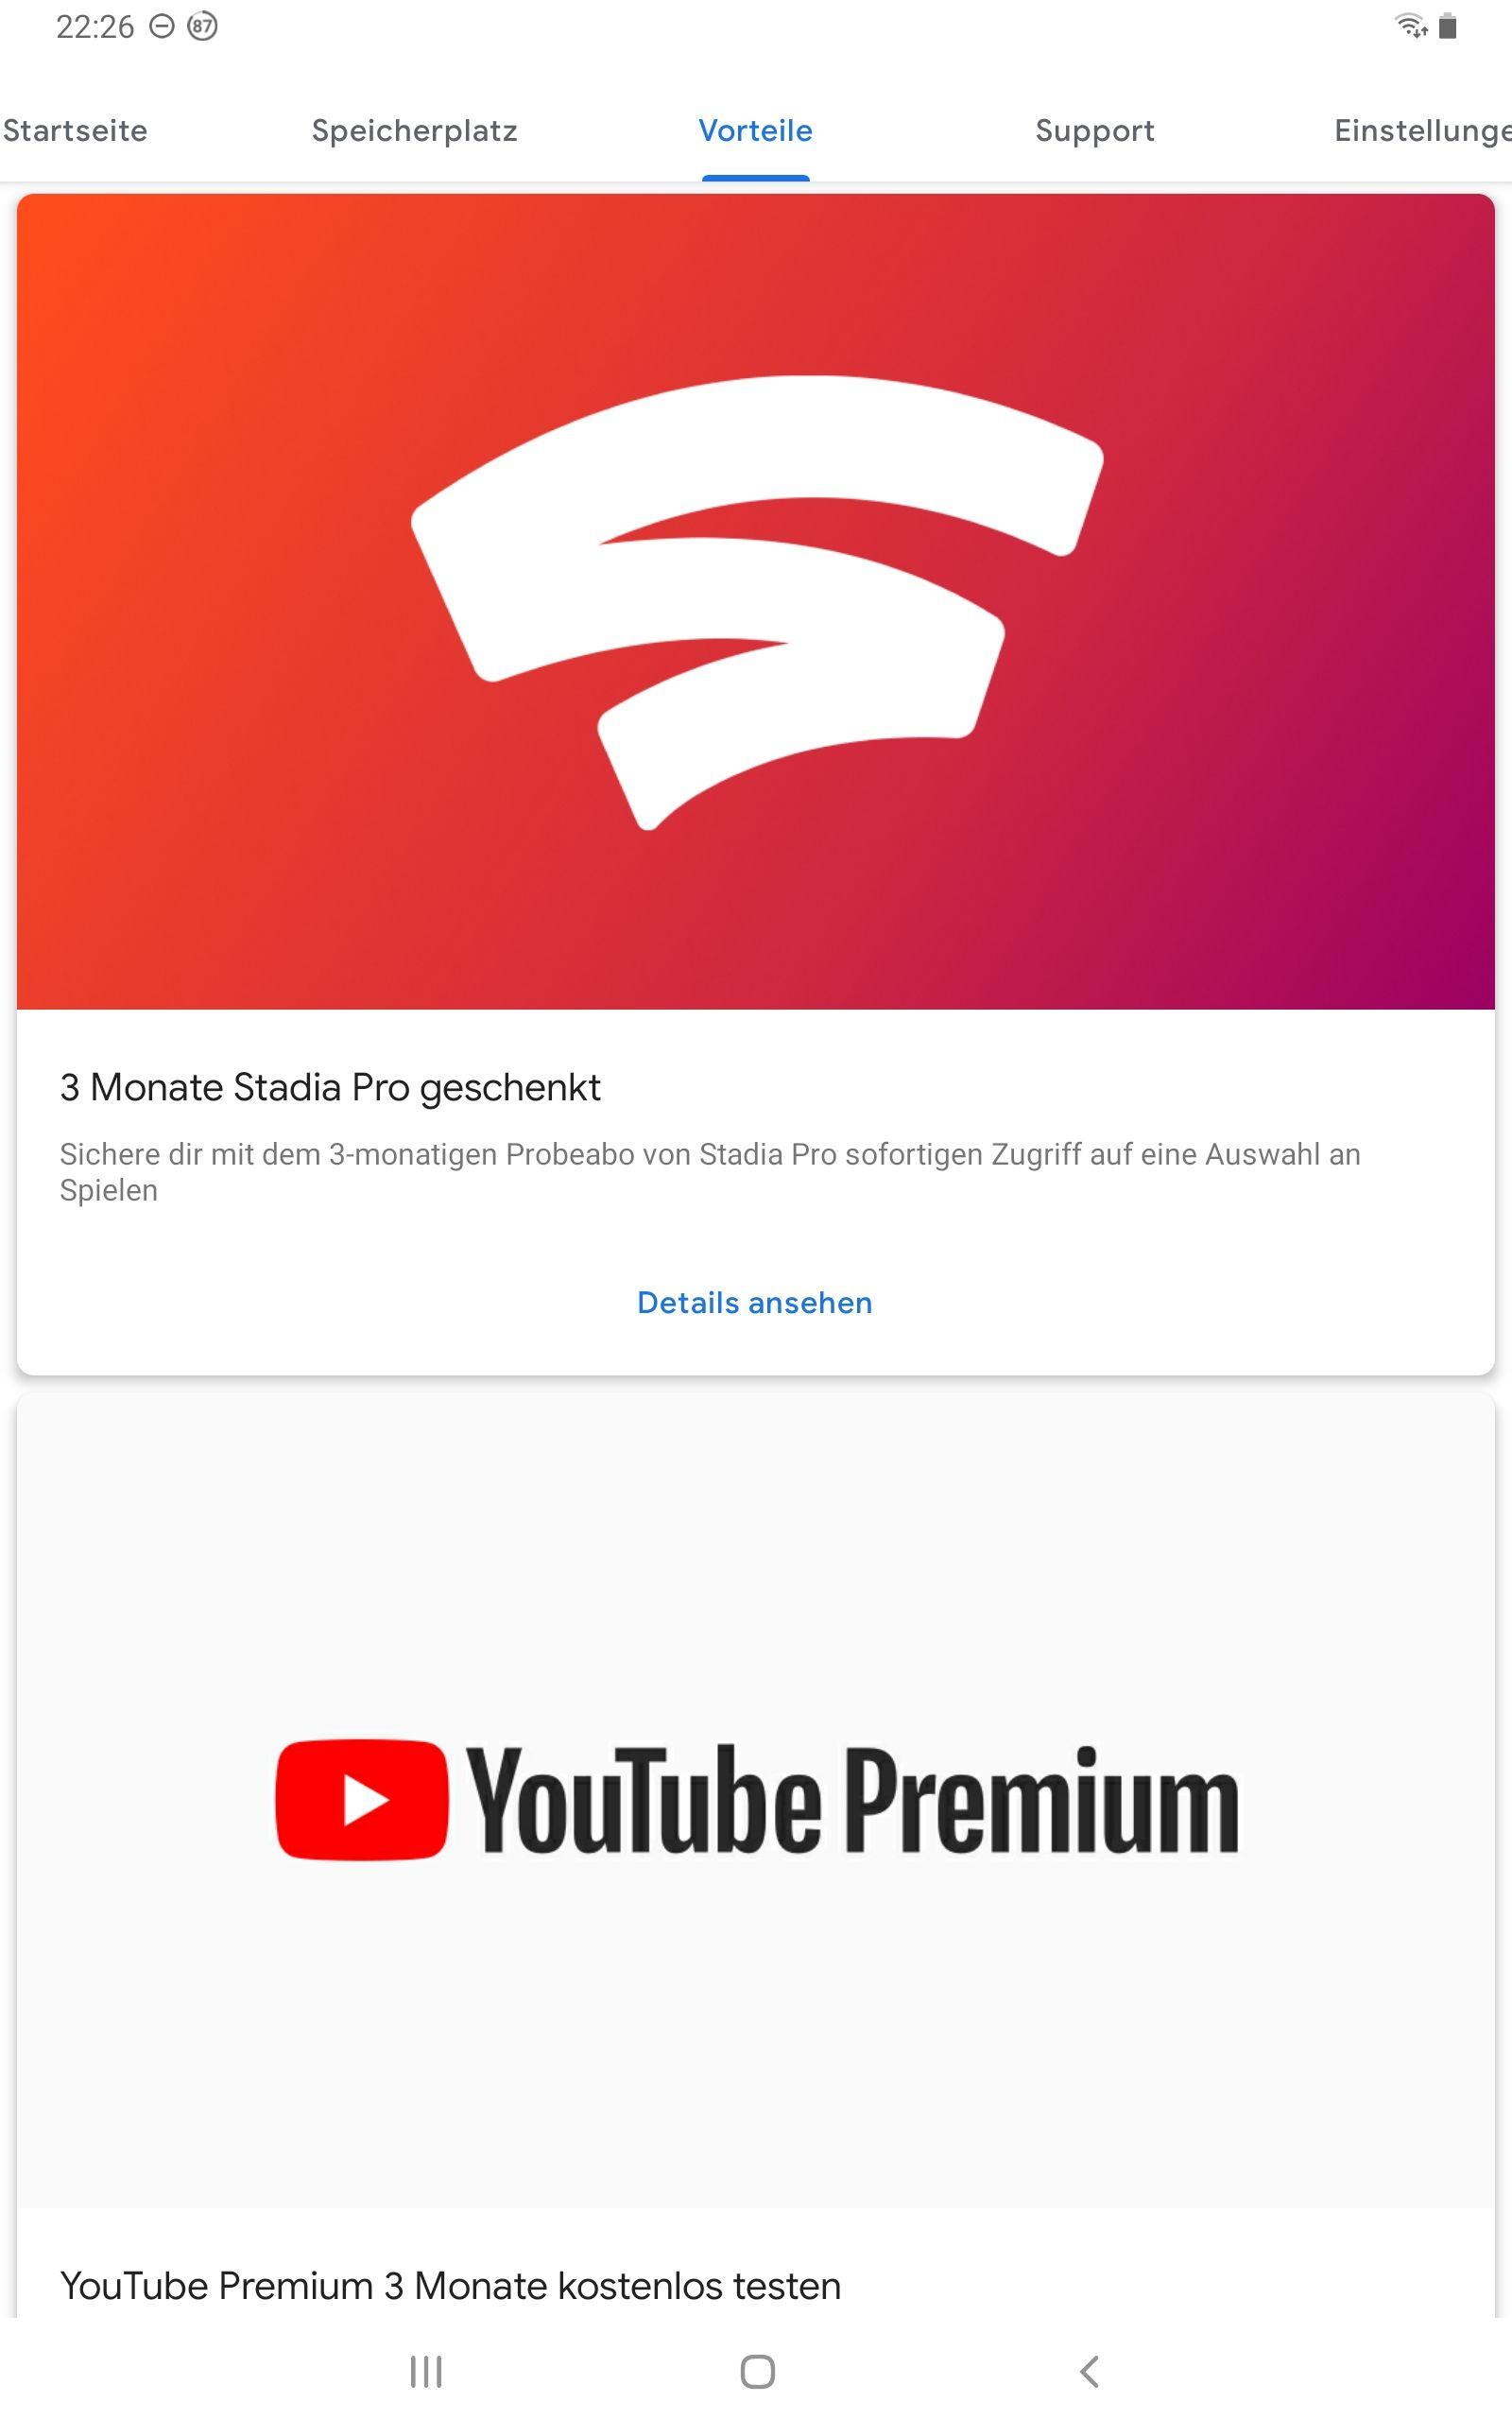 Google Stadia Pro und YouTube Premium 3 Gratismonate für Google One Kunden